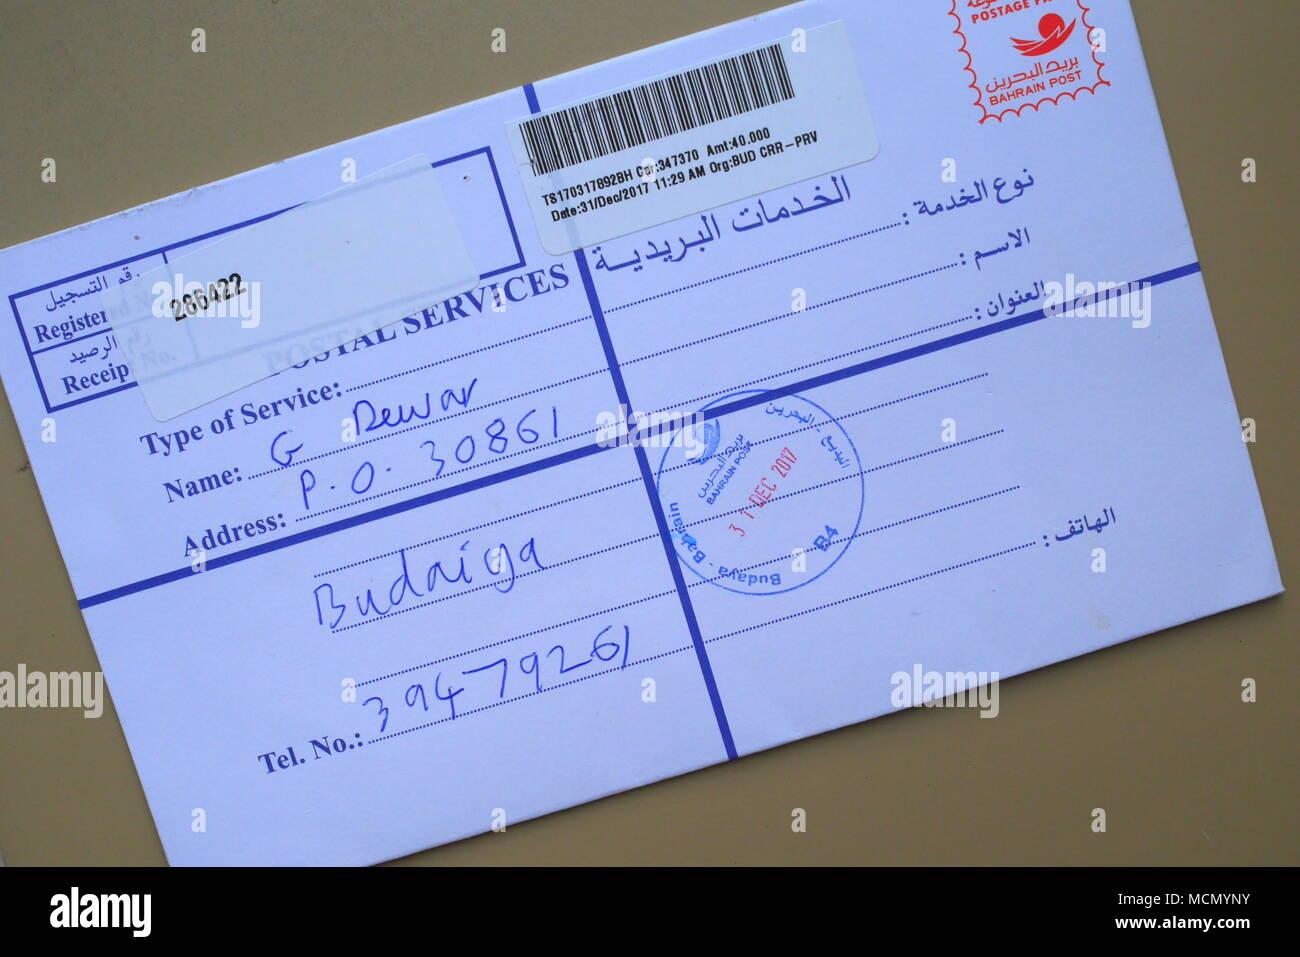 Registered letter, Bahrain - Stock Image